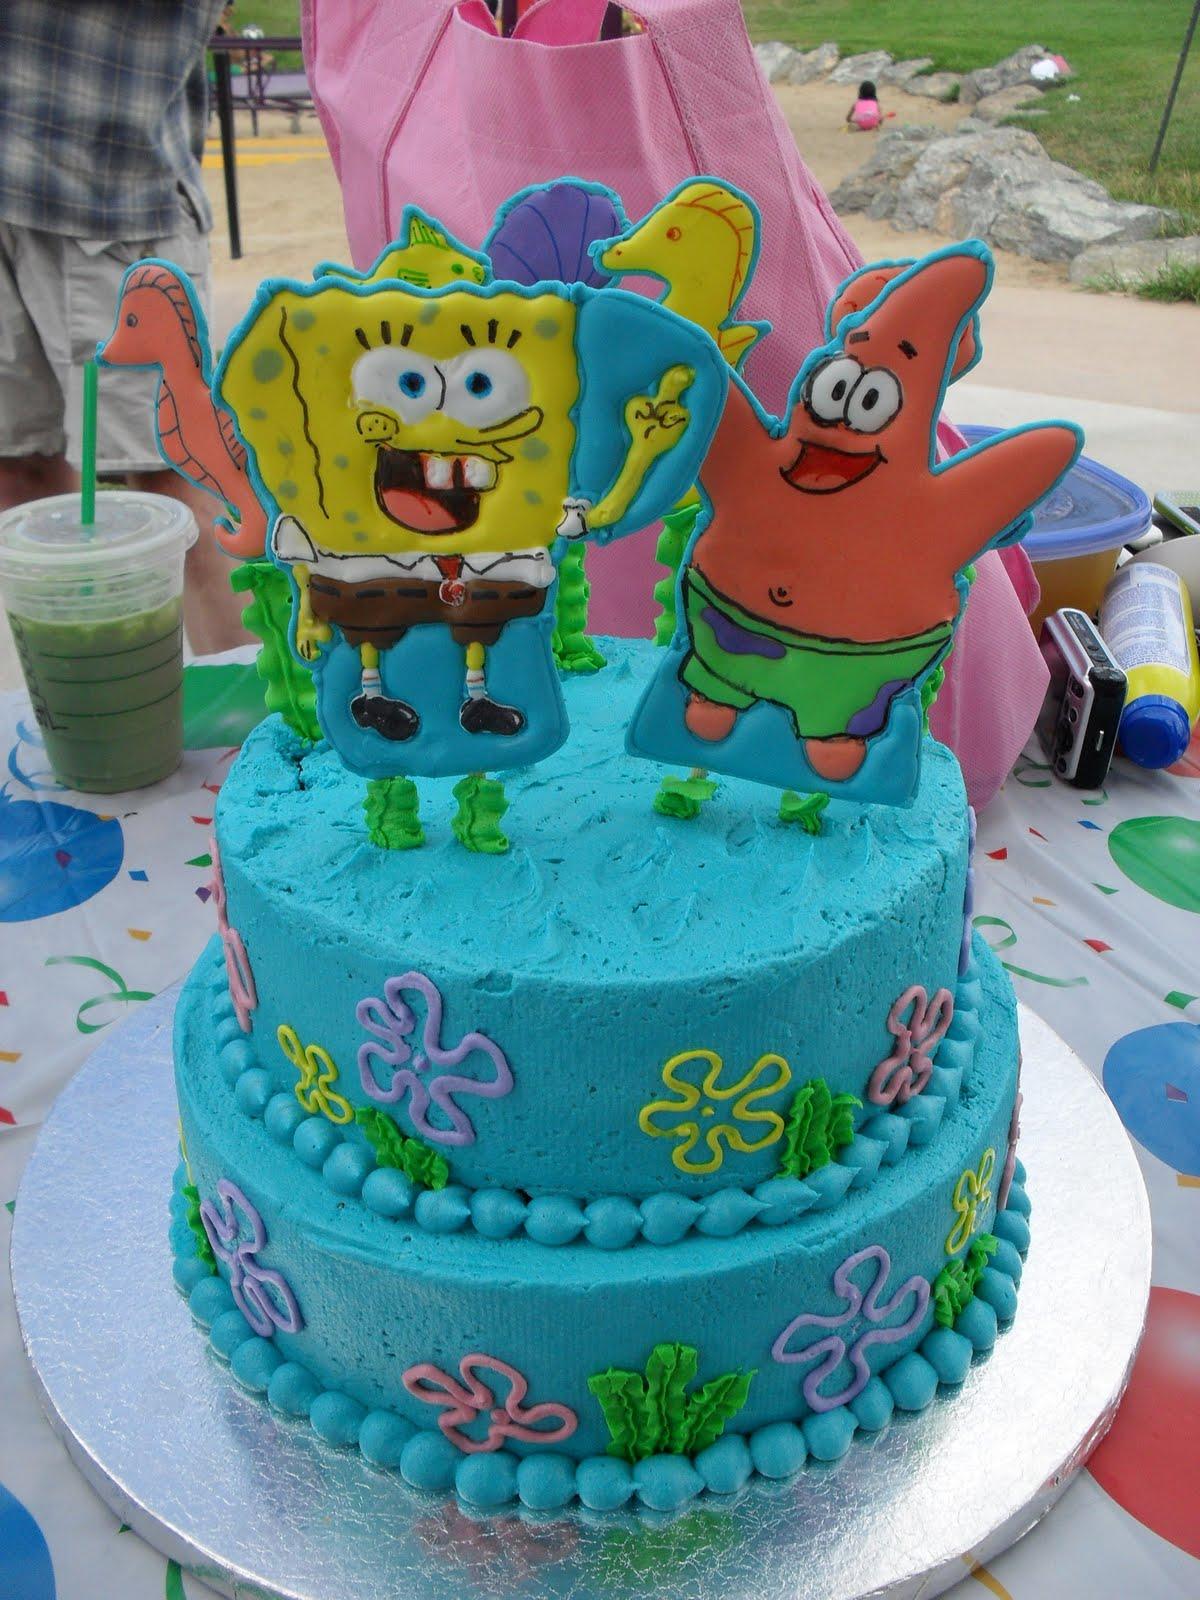 Girly Spongebob Birthday Cakes